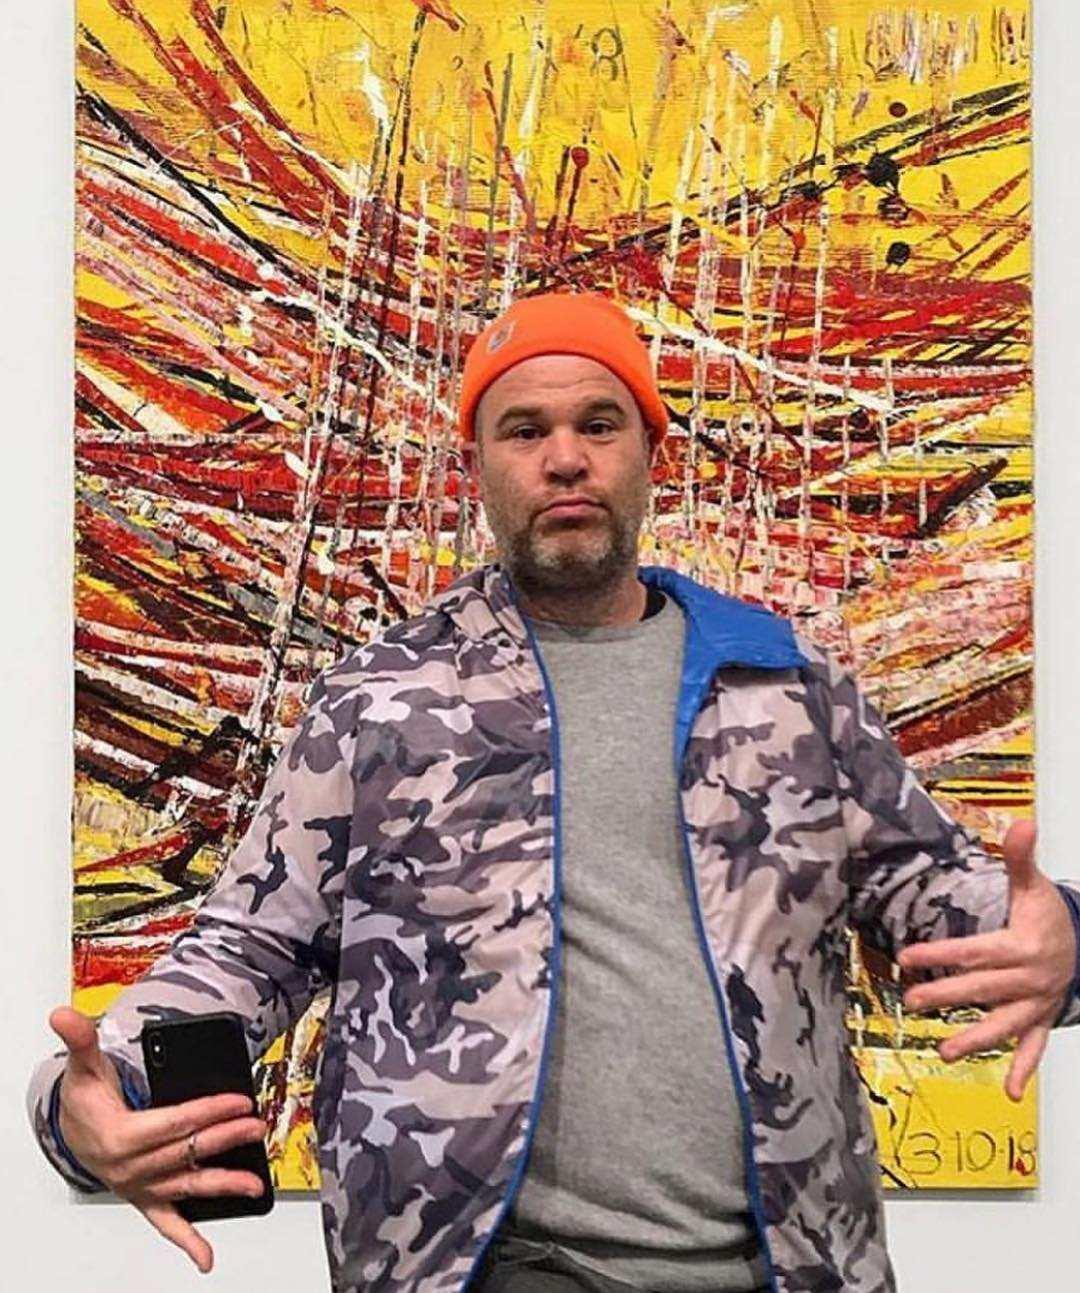 粉絲們都知道T.O.P是美術愛好者,IG上也常常跟大家分享自己喜歡的作品,而時隔這麼久沒更新,T.O.P最先更新的是藝術家好友Mark Grotjahn的畫作及大頭照,以行動支持好友開的畫展。